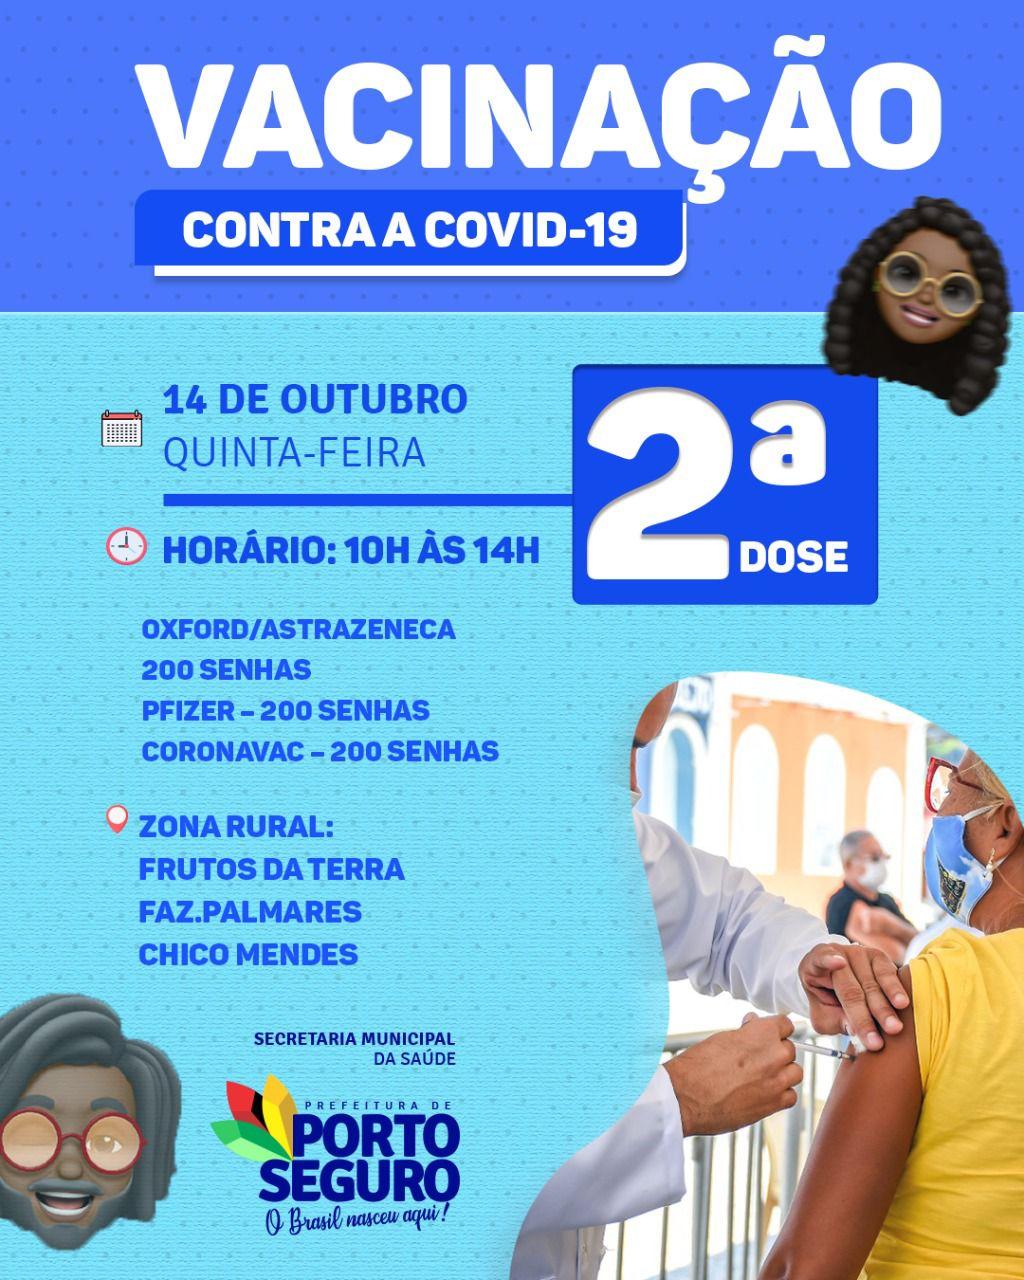 Porto Seguro: Cronograma de Vacinação contra a Covid-19; de 13 a 15/10 31